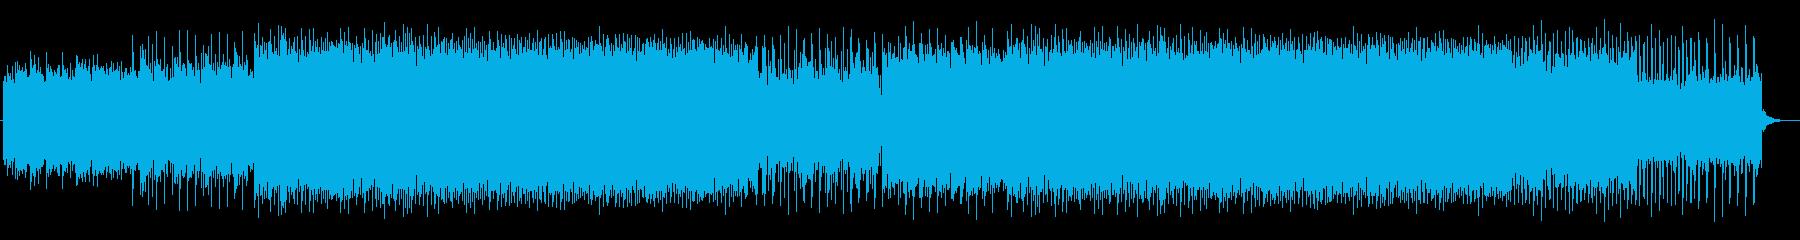 ゲームのラスボス戦風の幻想的なEDMの再生済みの波形